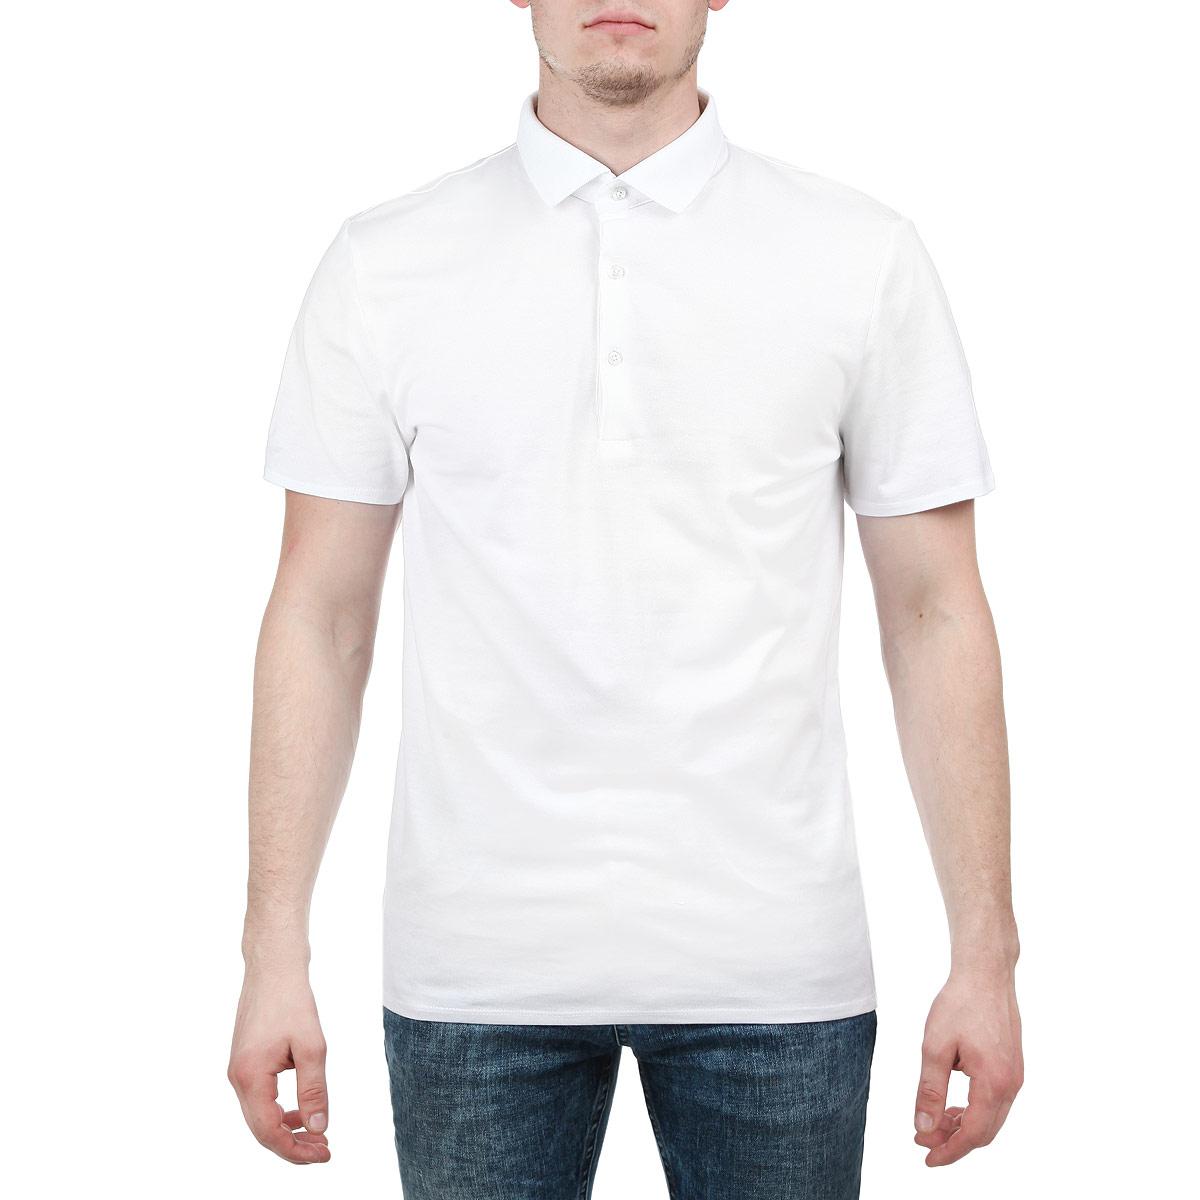 Футболка-поло мужская. 1530590.00.151530590.00.15Стильная мужская футболка-поло Tom Tailor, выполненная из высококачественного материала, обладает высокой теплопроводностью, воздухопроницаемостью и гигроскопичностью, позволяет коже дышать. Модель с короткими рукавами и отложным воротником сверху застегивается на три пуговицы. Классический покрой, лаконичный дизайн, безукоризненное качество. В такой футболке вы будете чувствовать себя уверенно и комфортно.